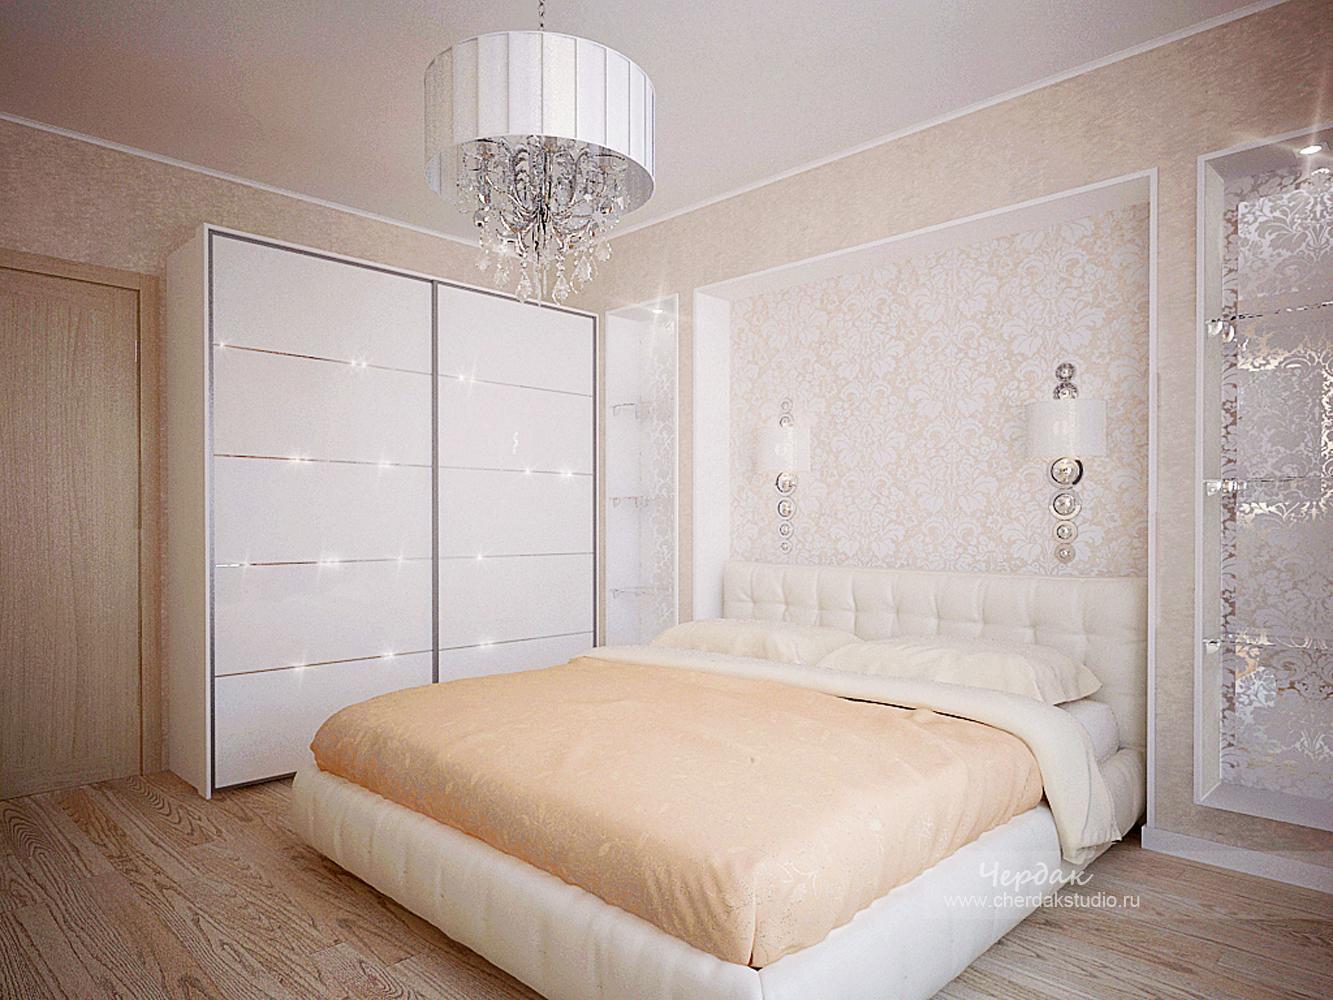 Спальня в светлых тонах будет уютной и удобной для сна и отдыха